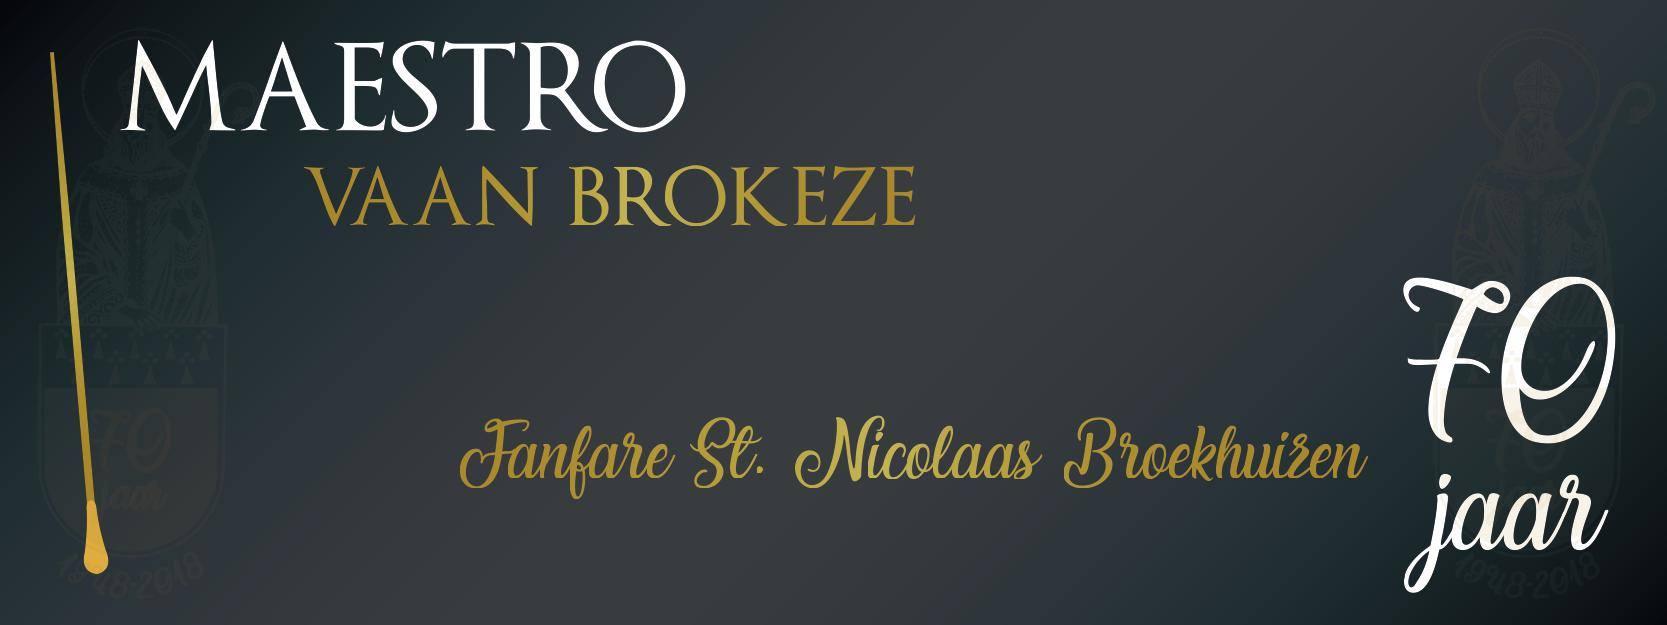 Kaartverkoop Maestro vaan Brokeze gestart!